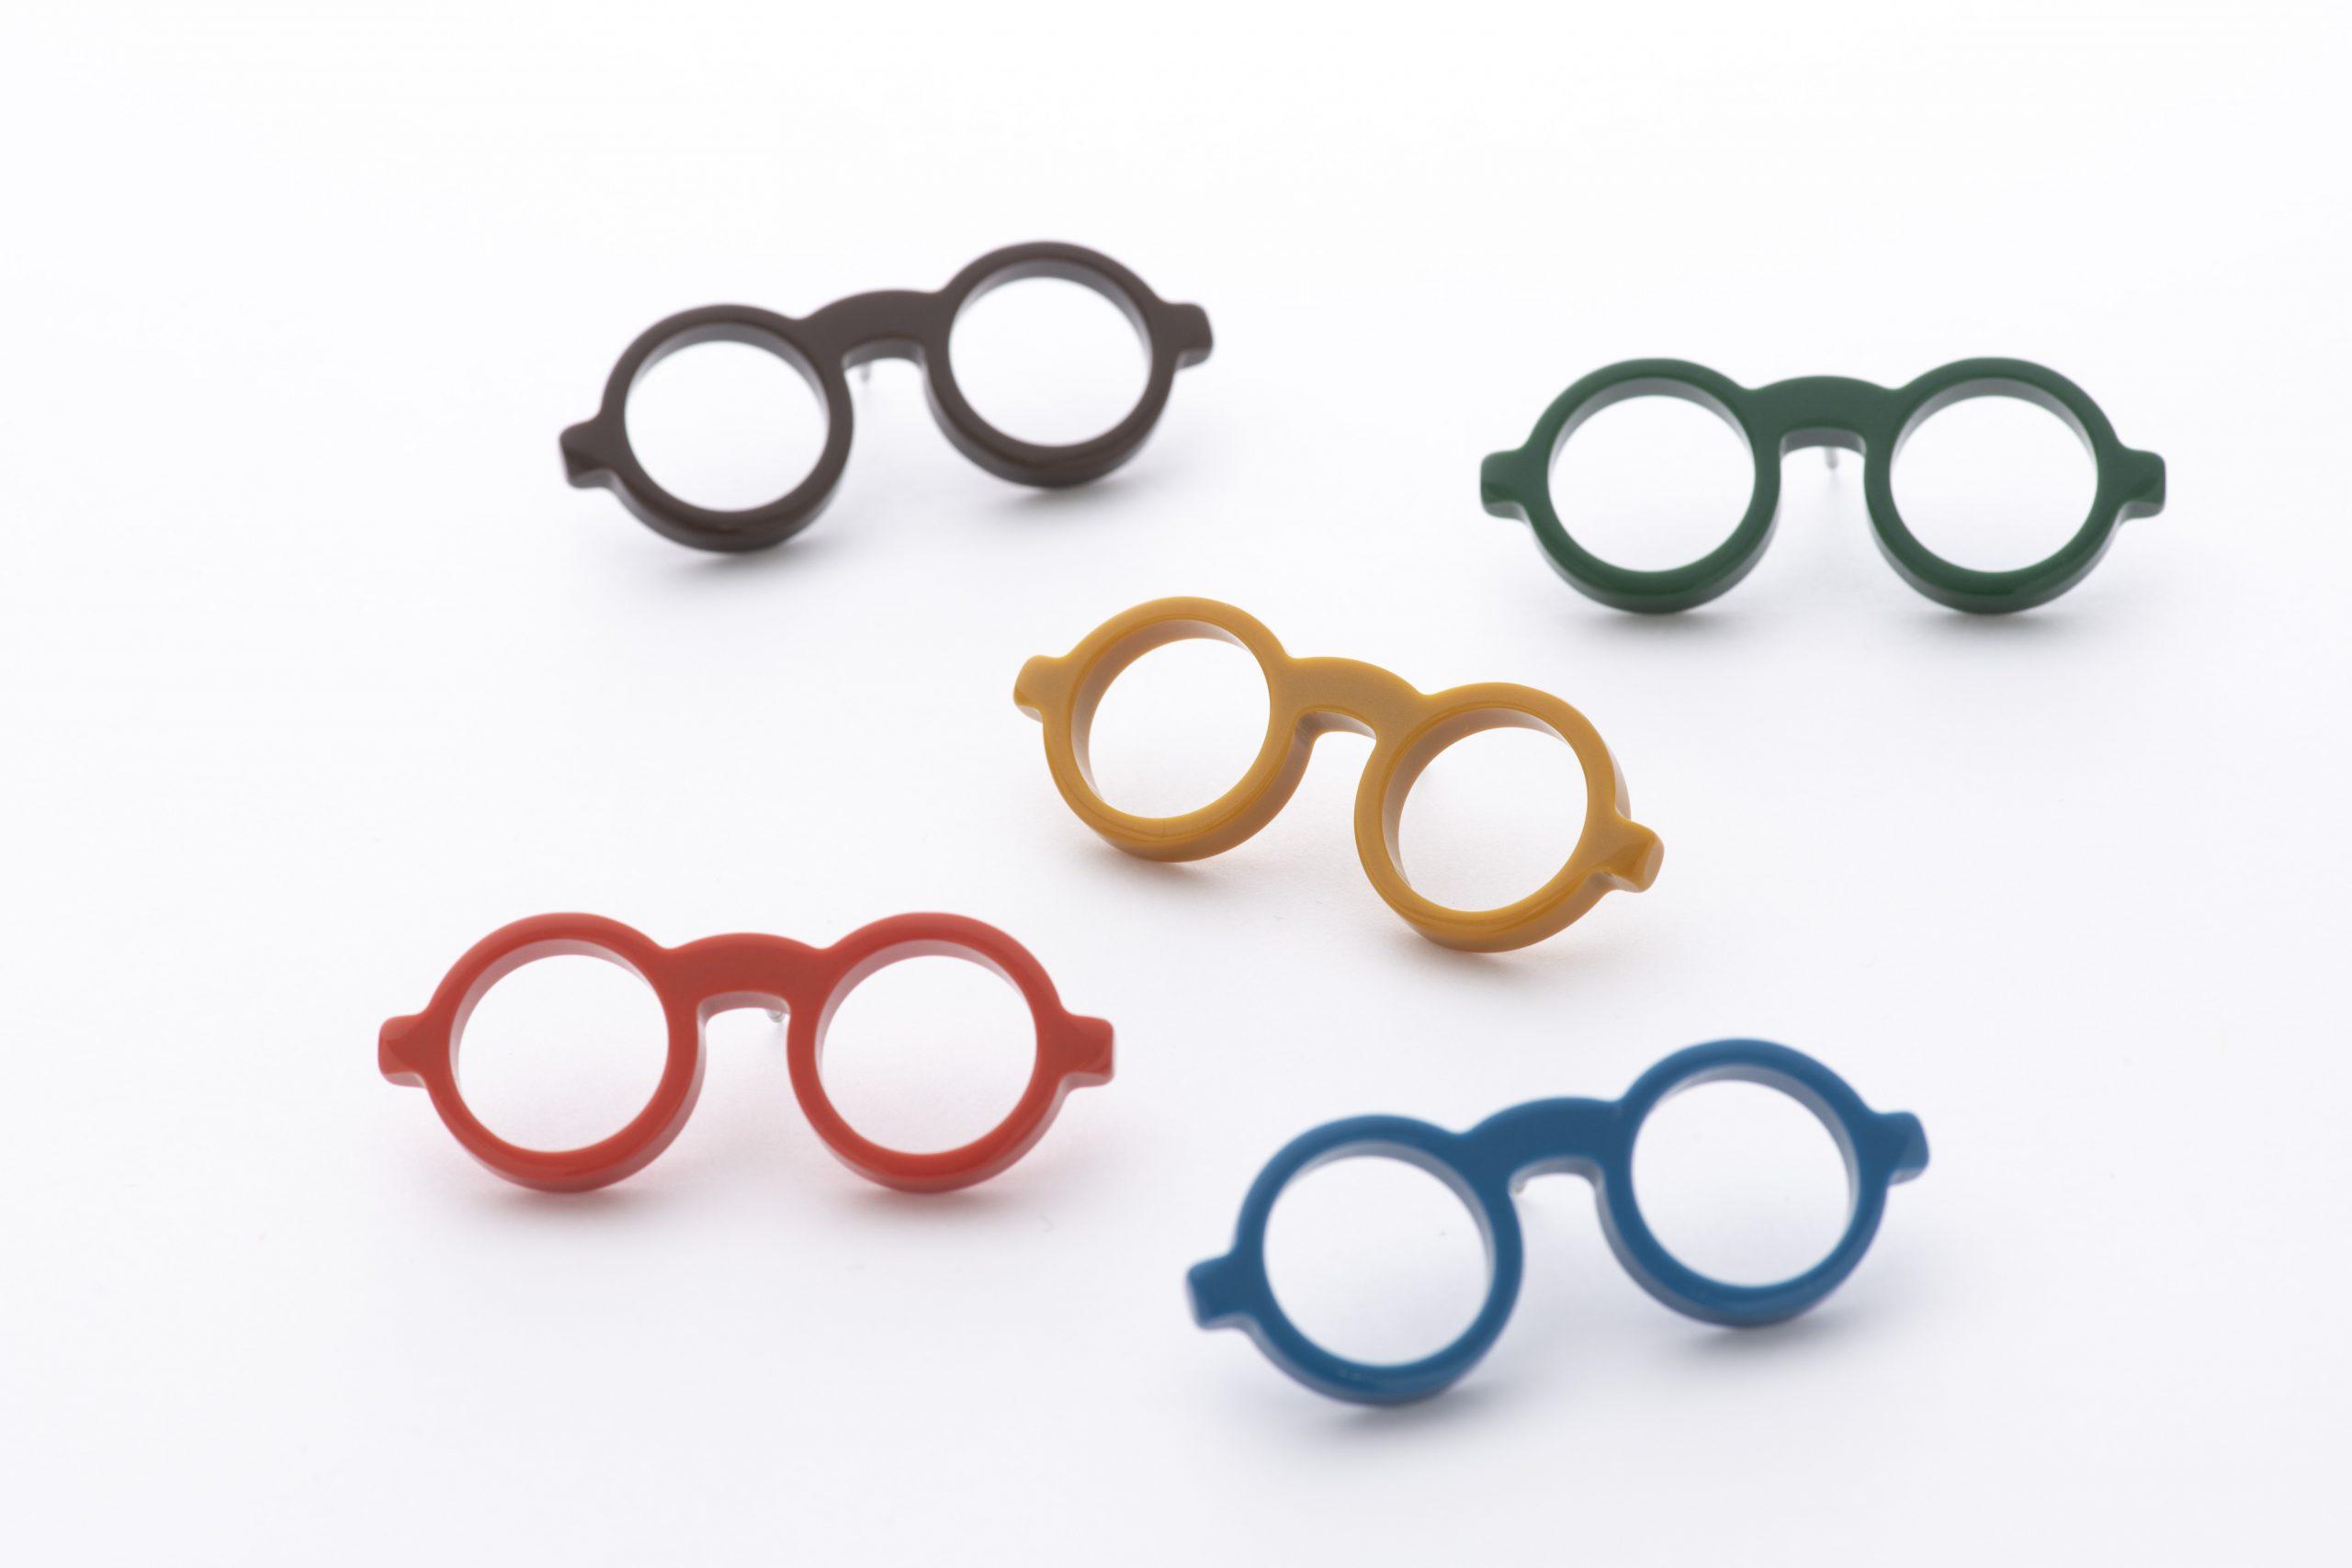 MEGANEPIN-眼鏡ホルダーにもなるピンバッジ-